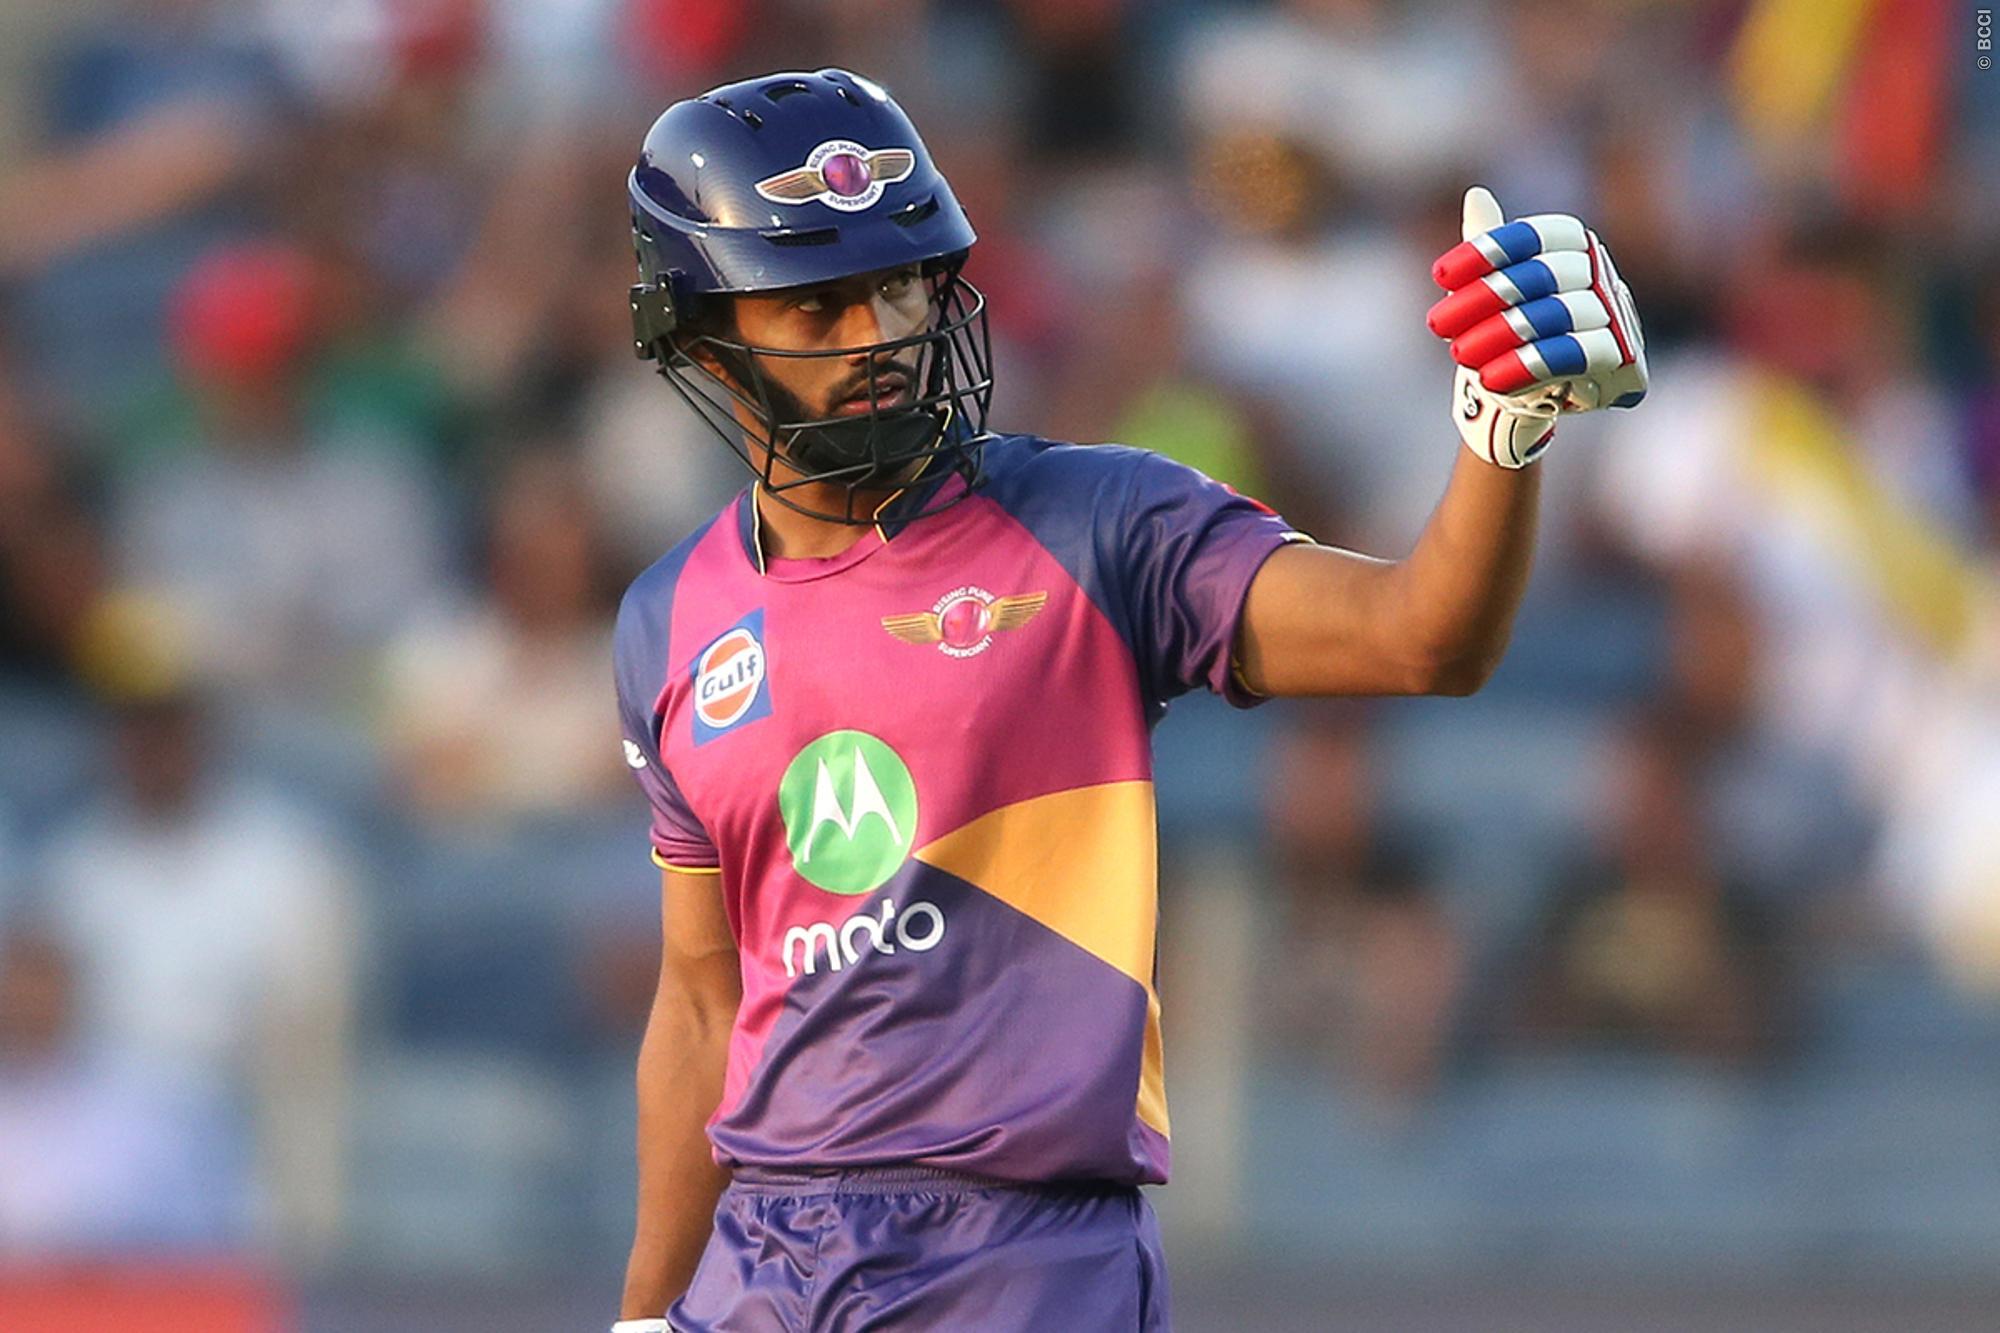 आईपीएल टीम पुणे सुपरजायंट के स्टार ओपनर बल्लेबाज राहुल त्रिपाठी ने किया इस टीम से खेलने का फैसला 11